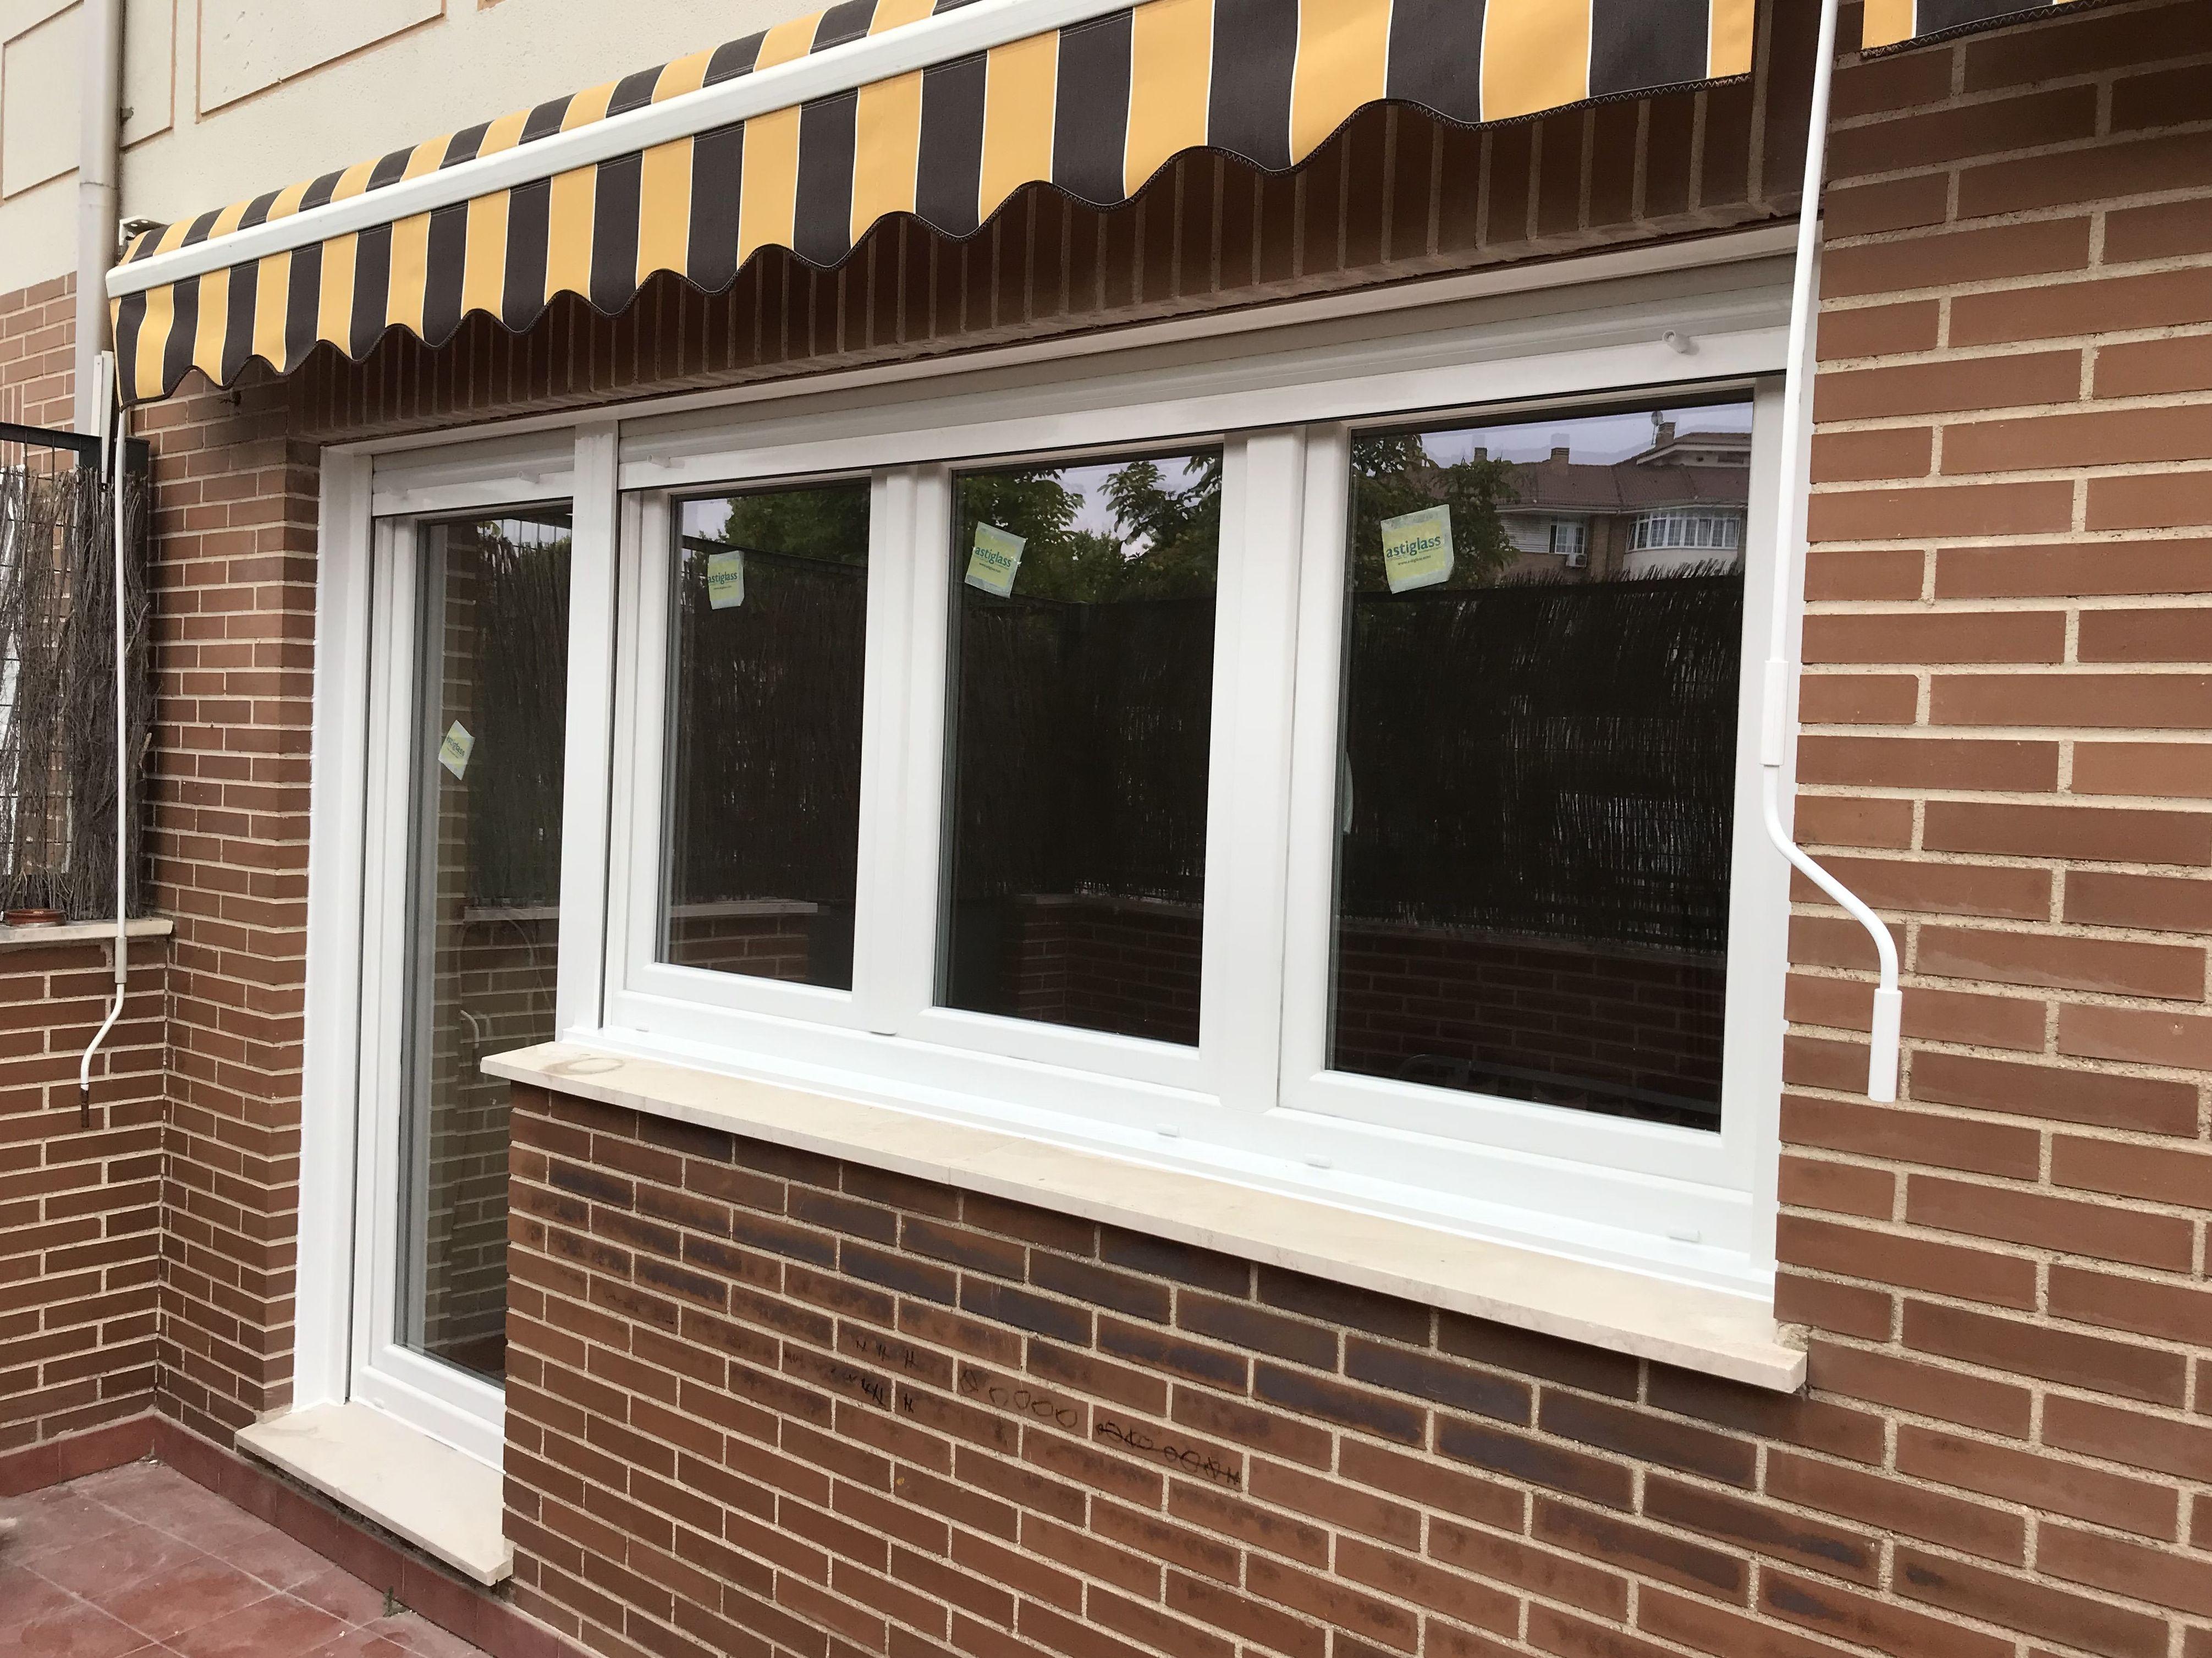 Ventana de 3 hojas con puerta balconera de PVC